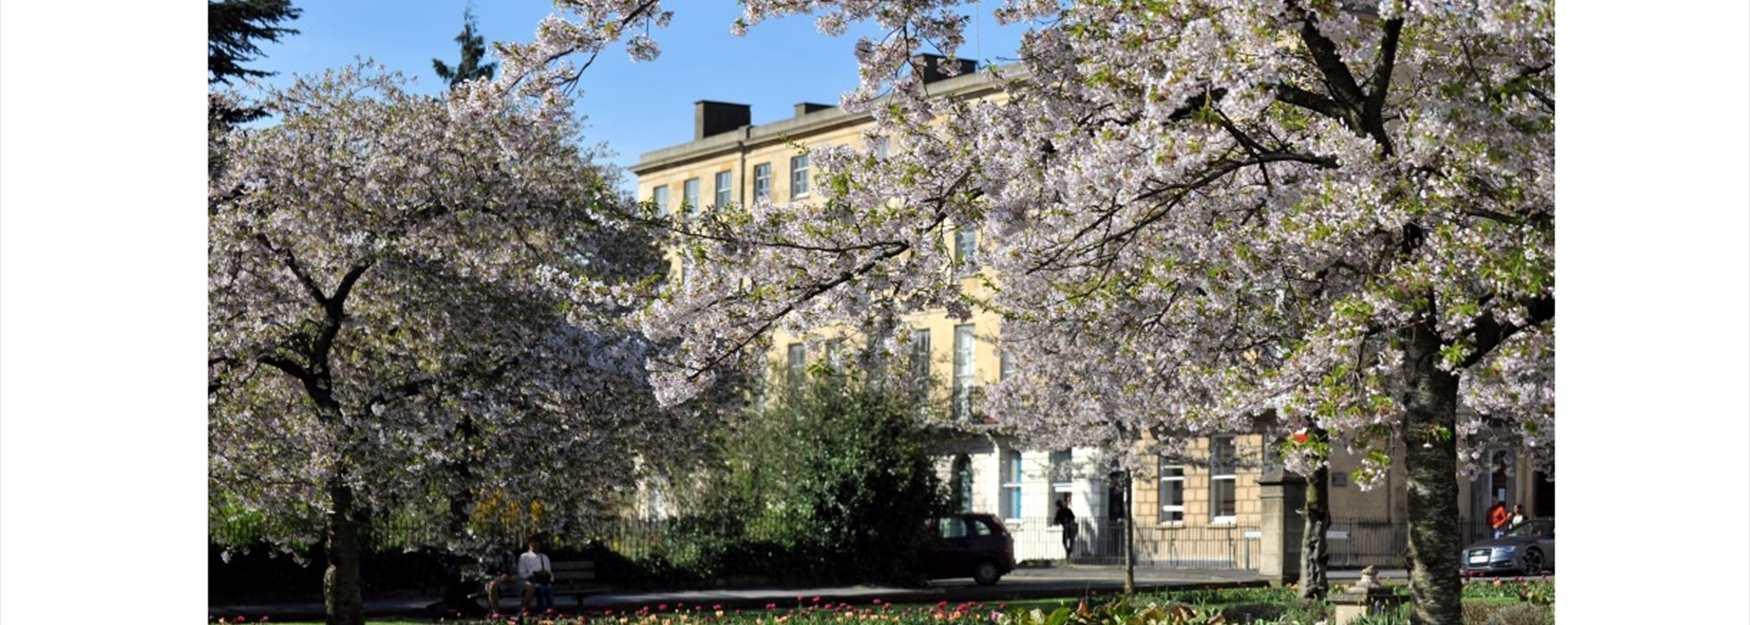 Cheltenham in blossom